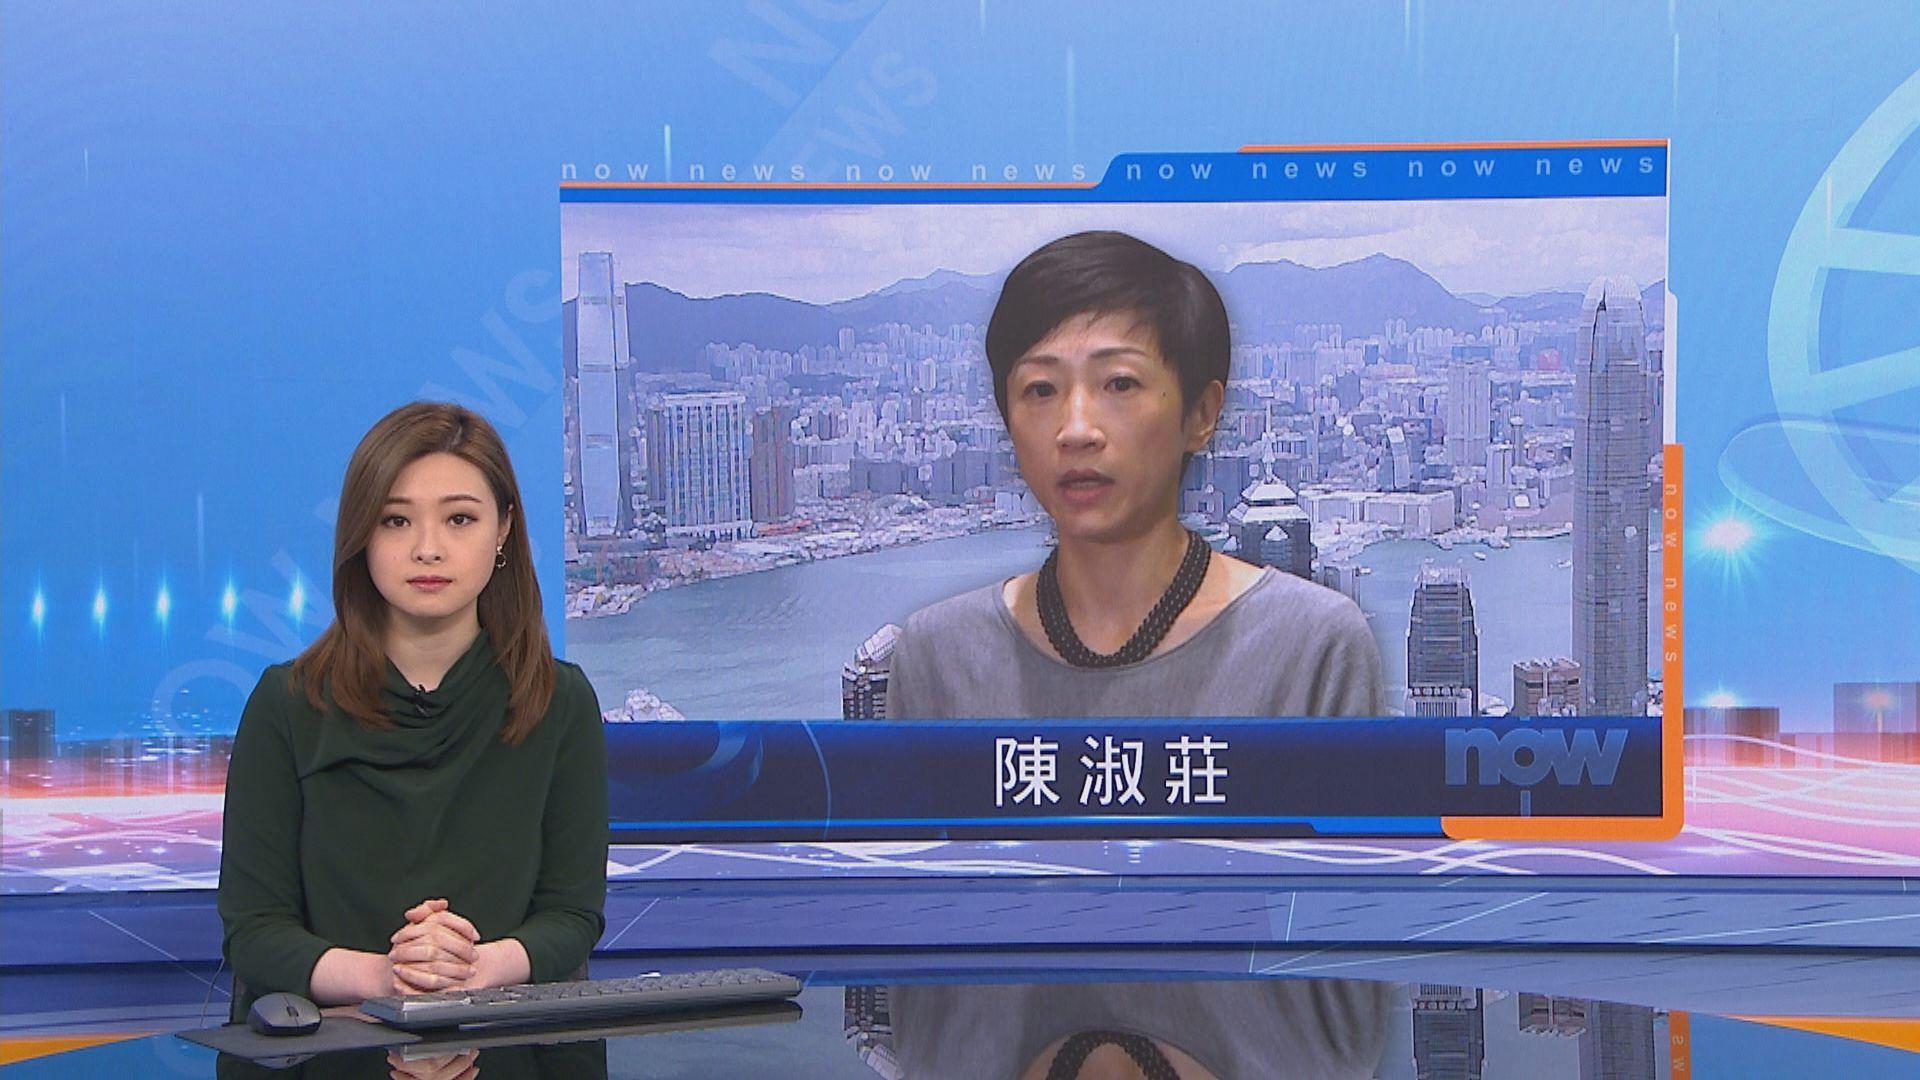 陳淑莊:政府可多宣傳新例 避免市民有不必要恐慌